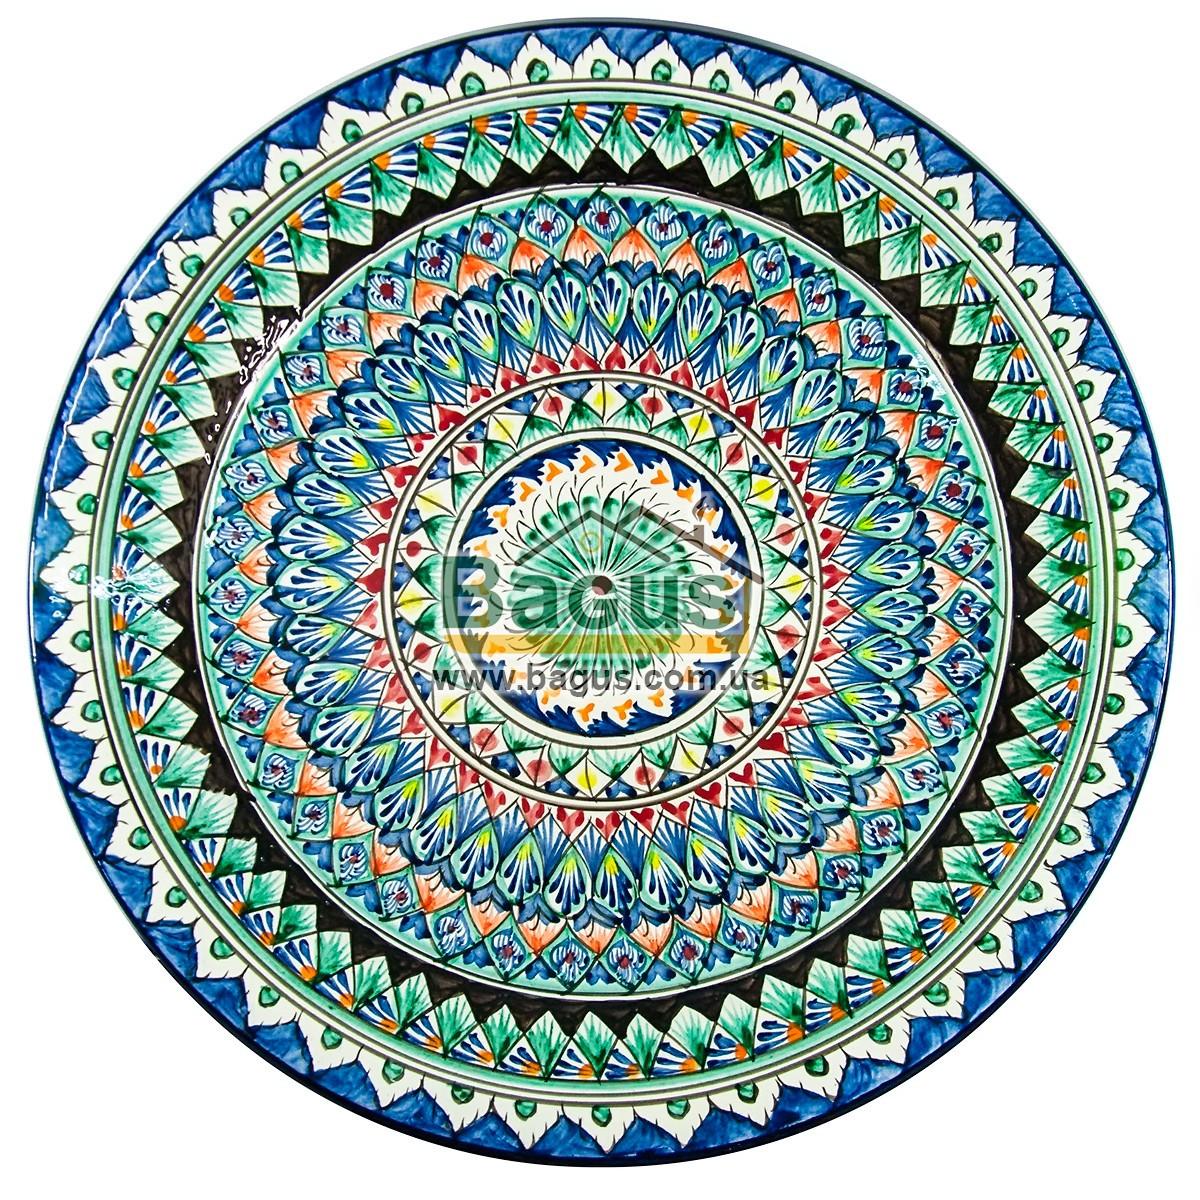 Ляган узбекский (тарелка узбекская) диаметр 42см ручная работа 4205-11